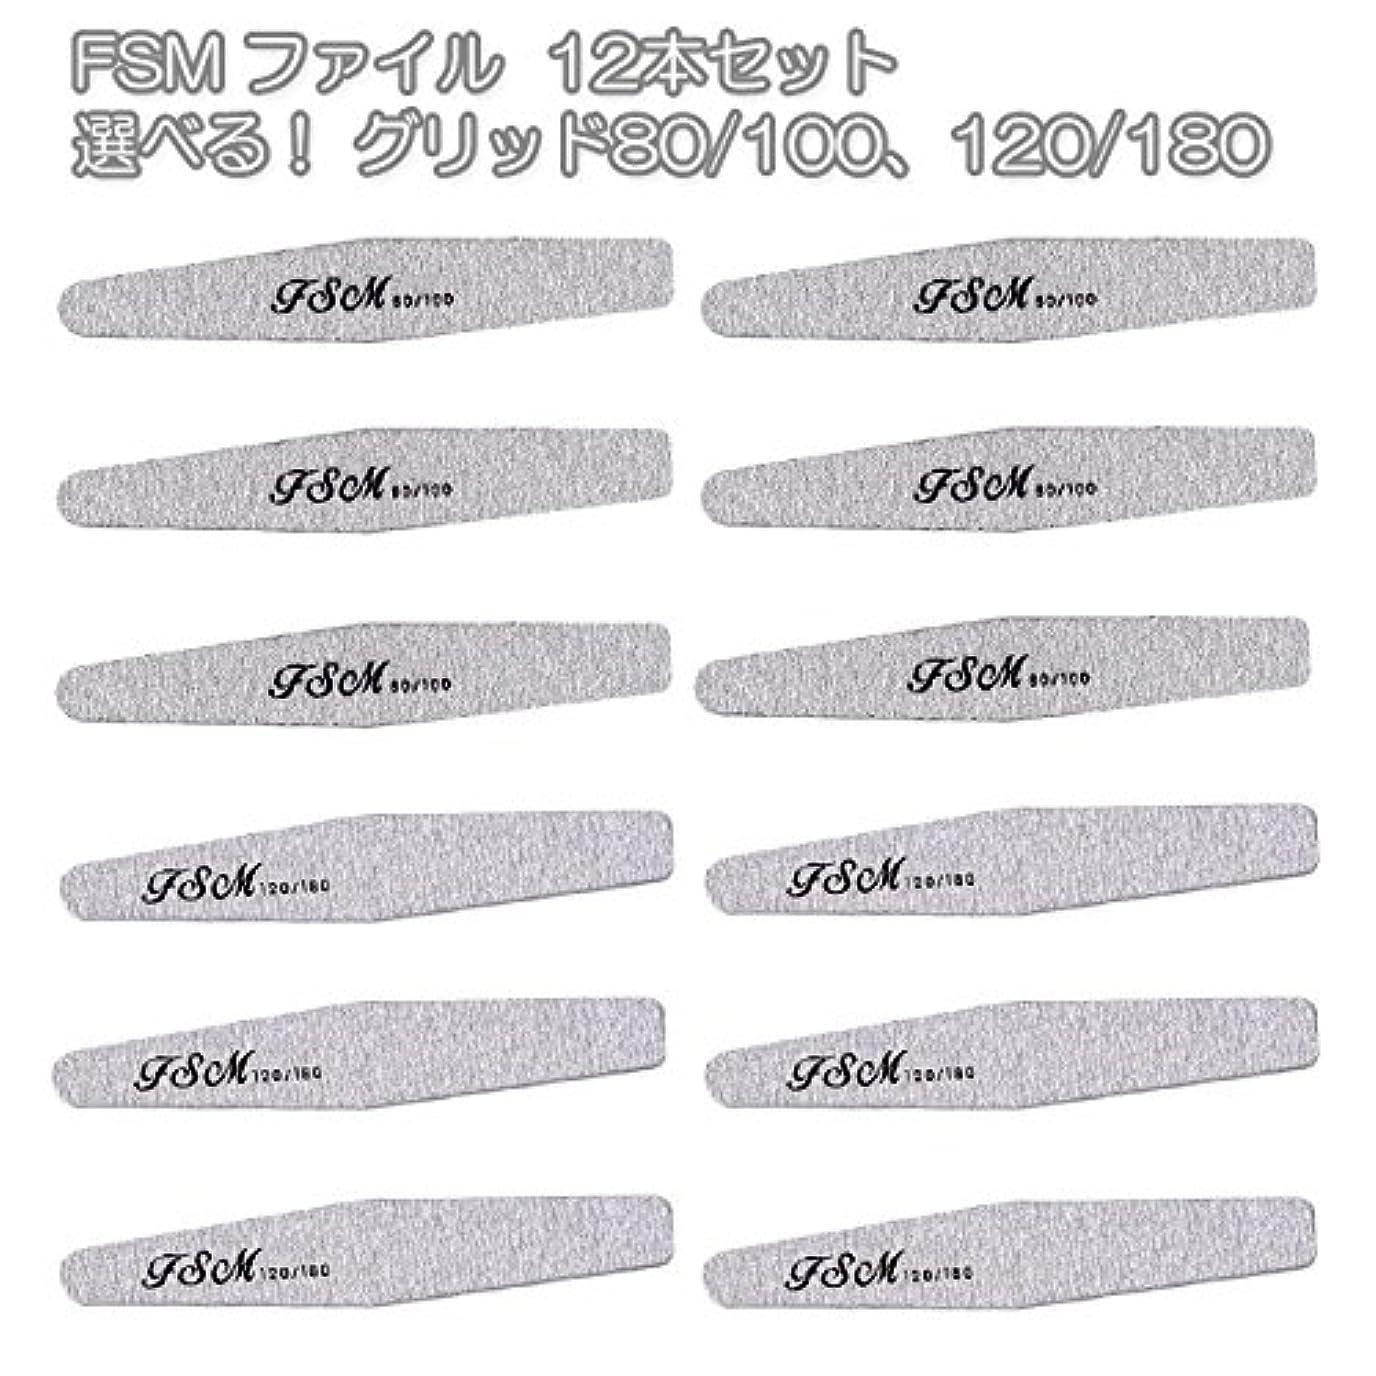 一時解雇する脆い桃FSM ネイルファイル/バッファー12本セット(選べる!グリッド80/100、120/180) (G80/100の12本)